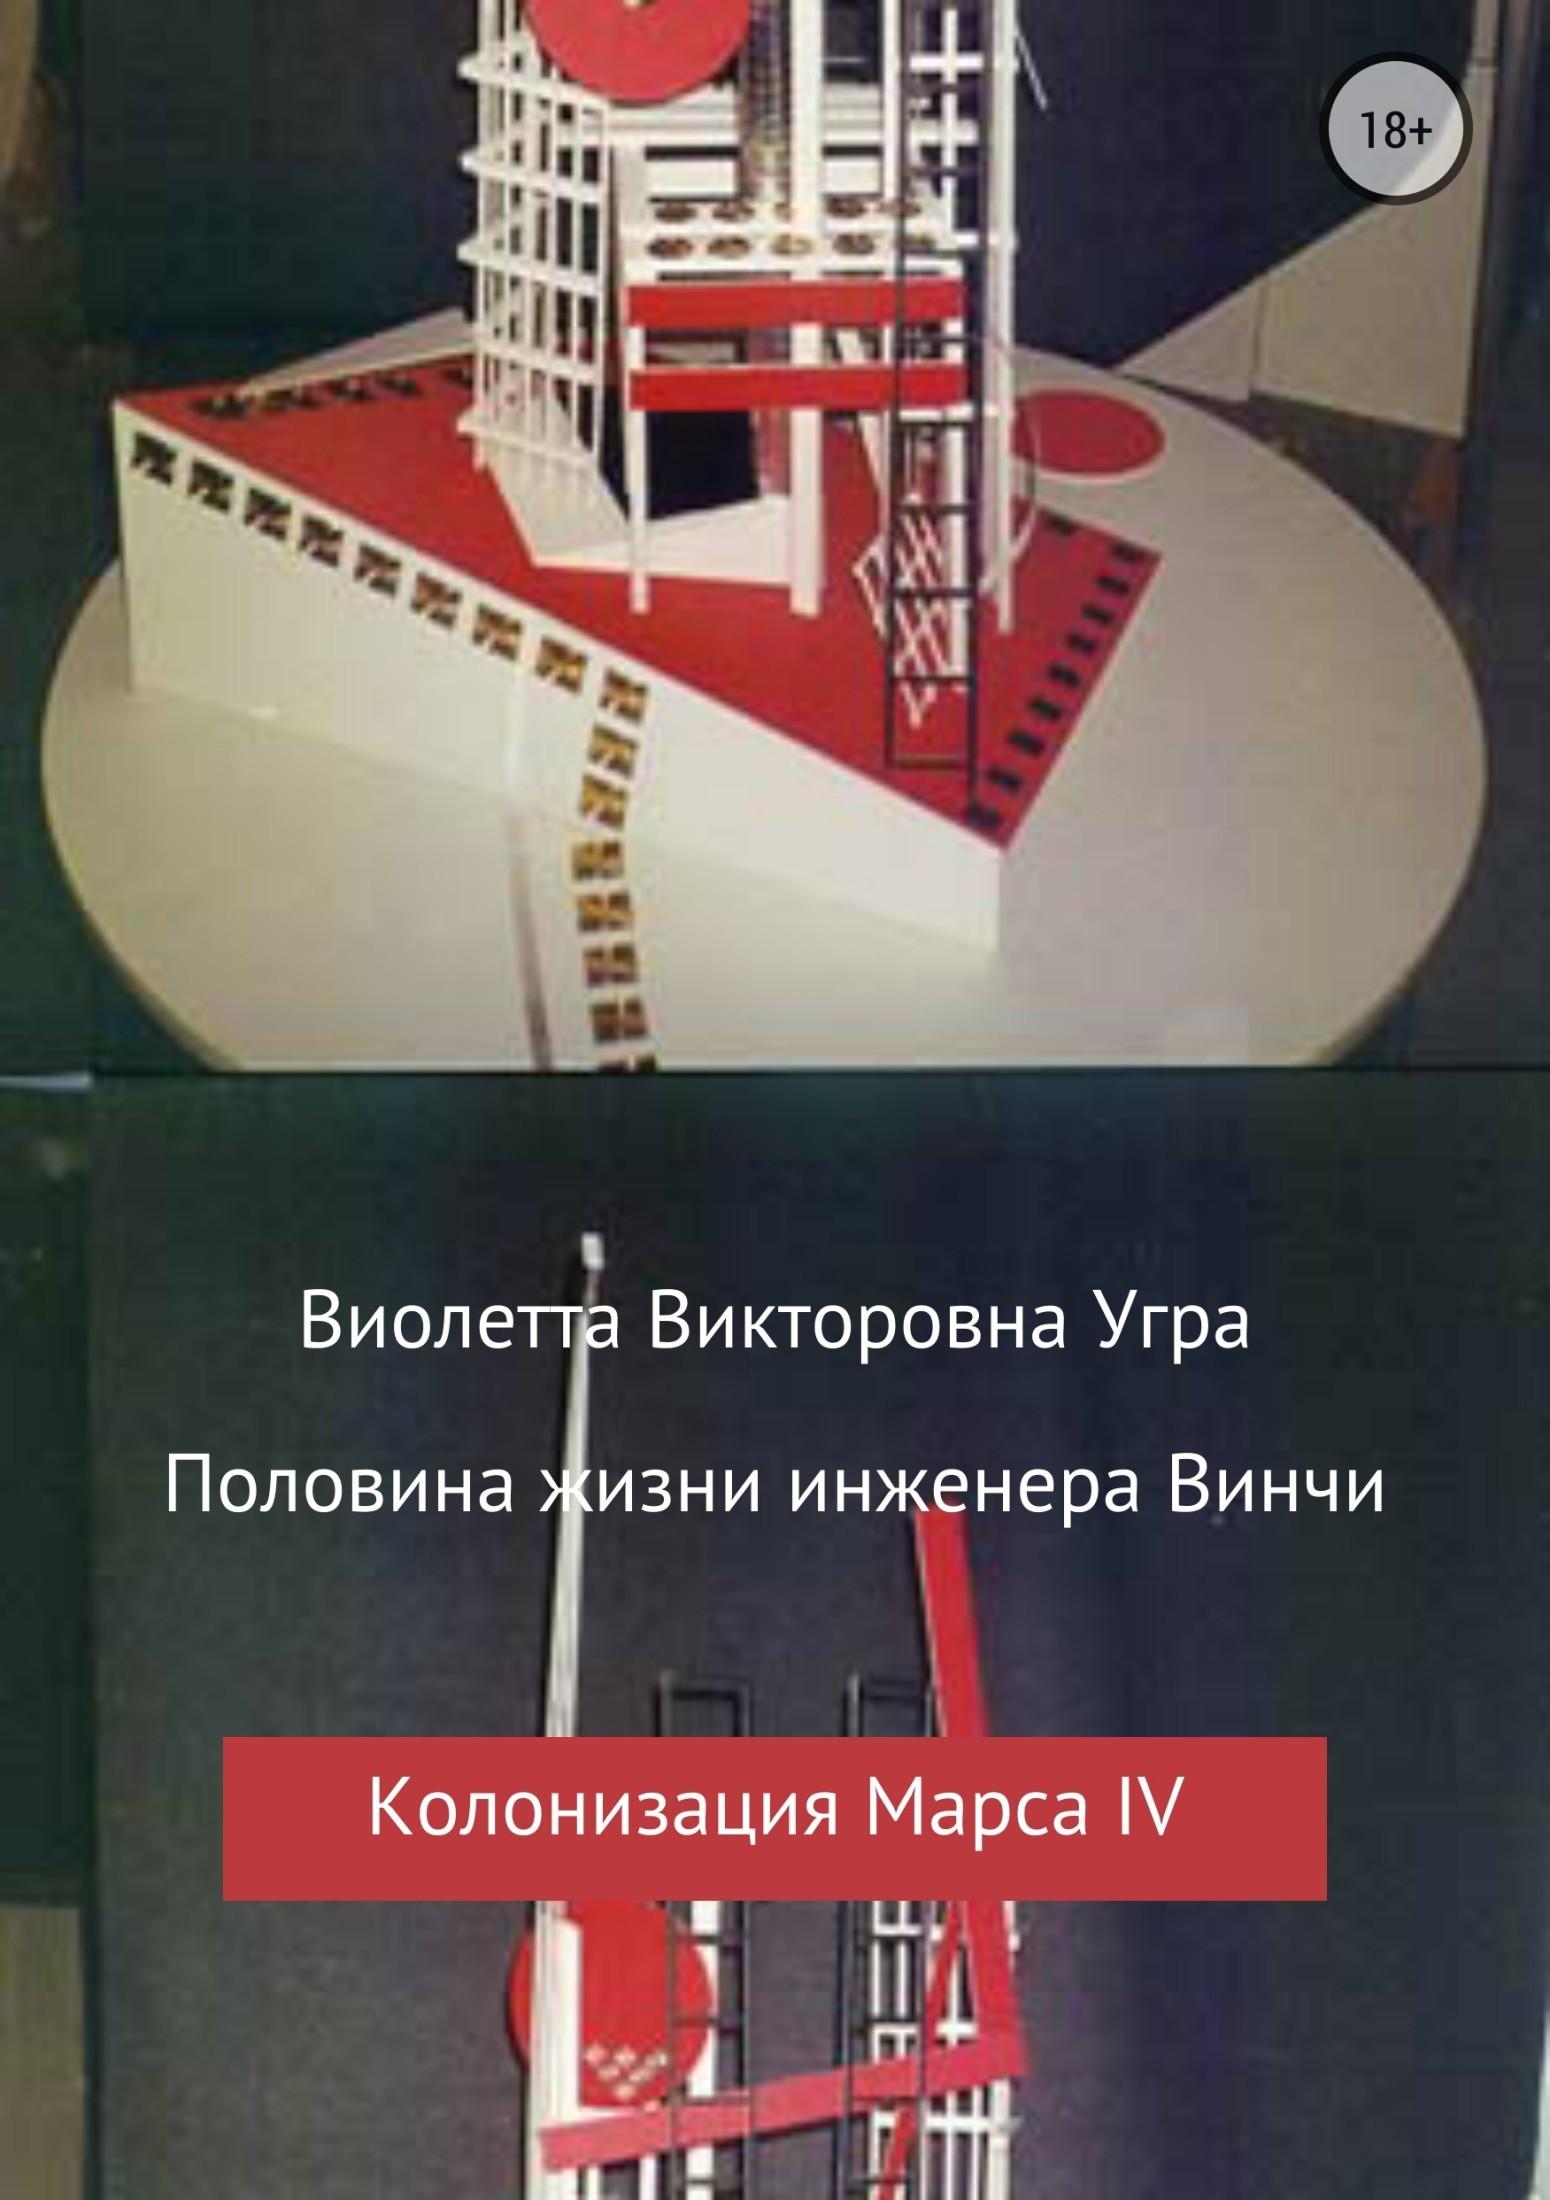 Виолетта Викторовна Угра Половина жизни инженера Винчи. Колонизация Марса IV